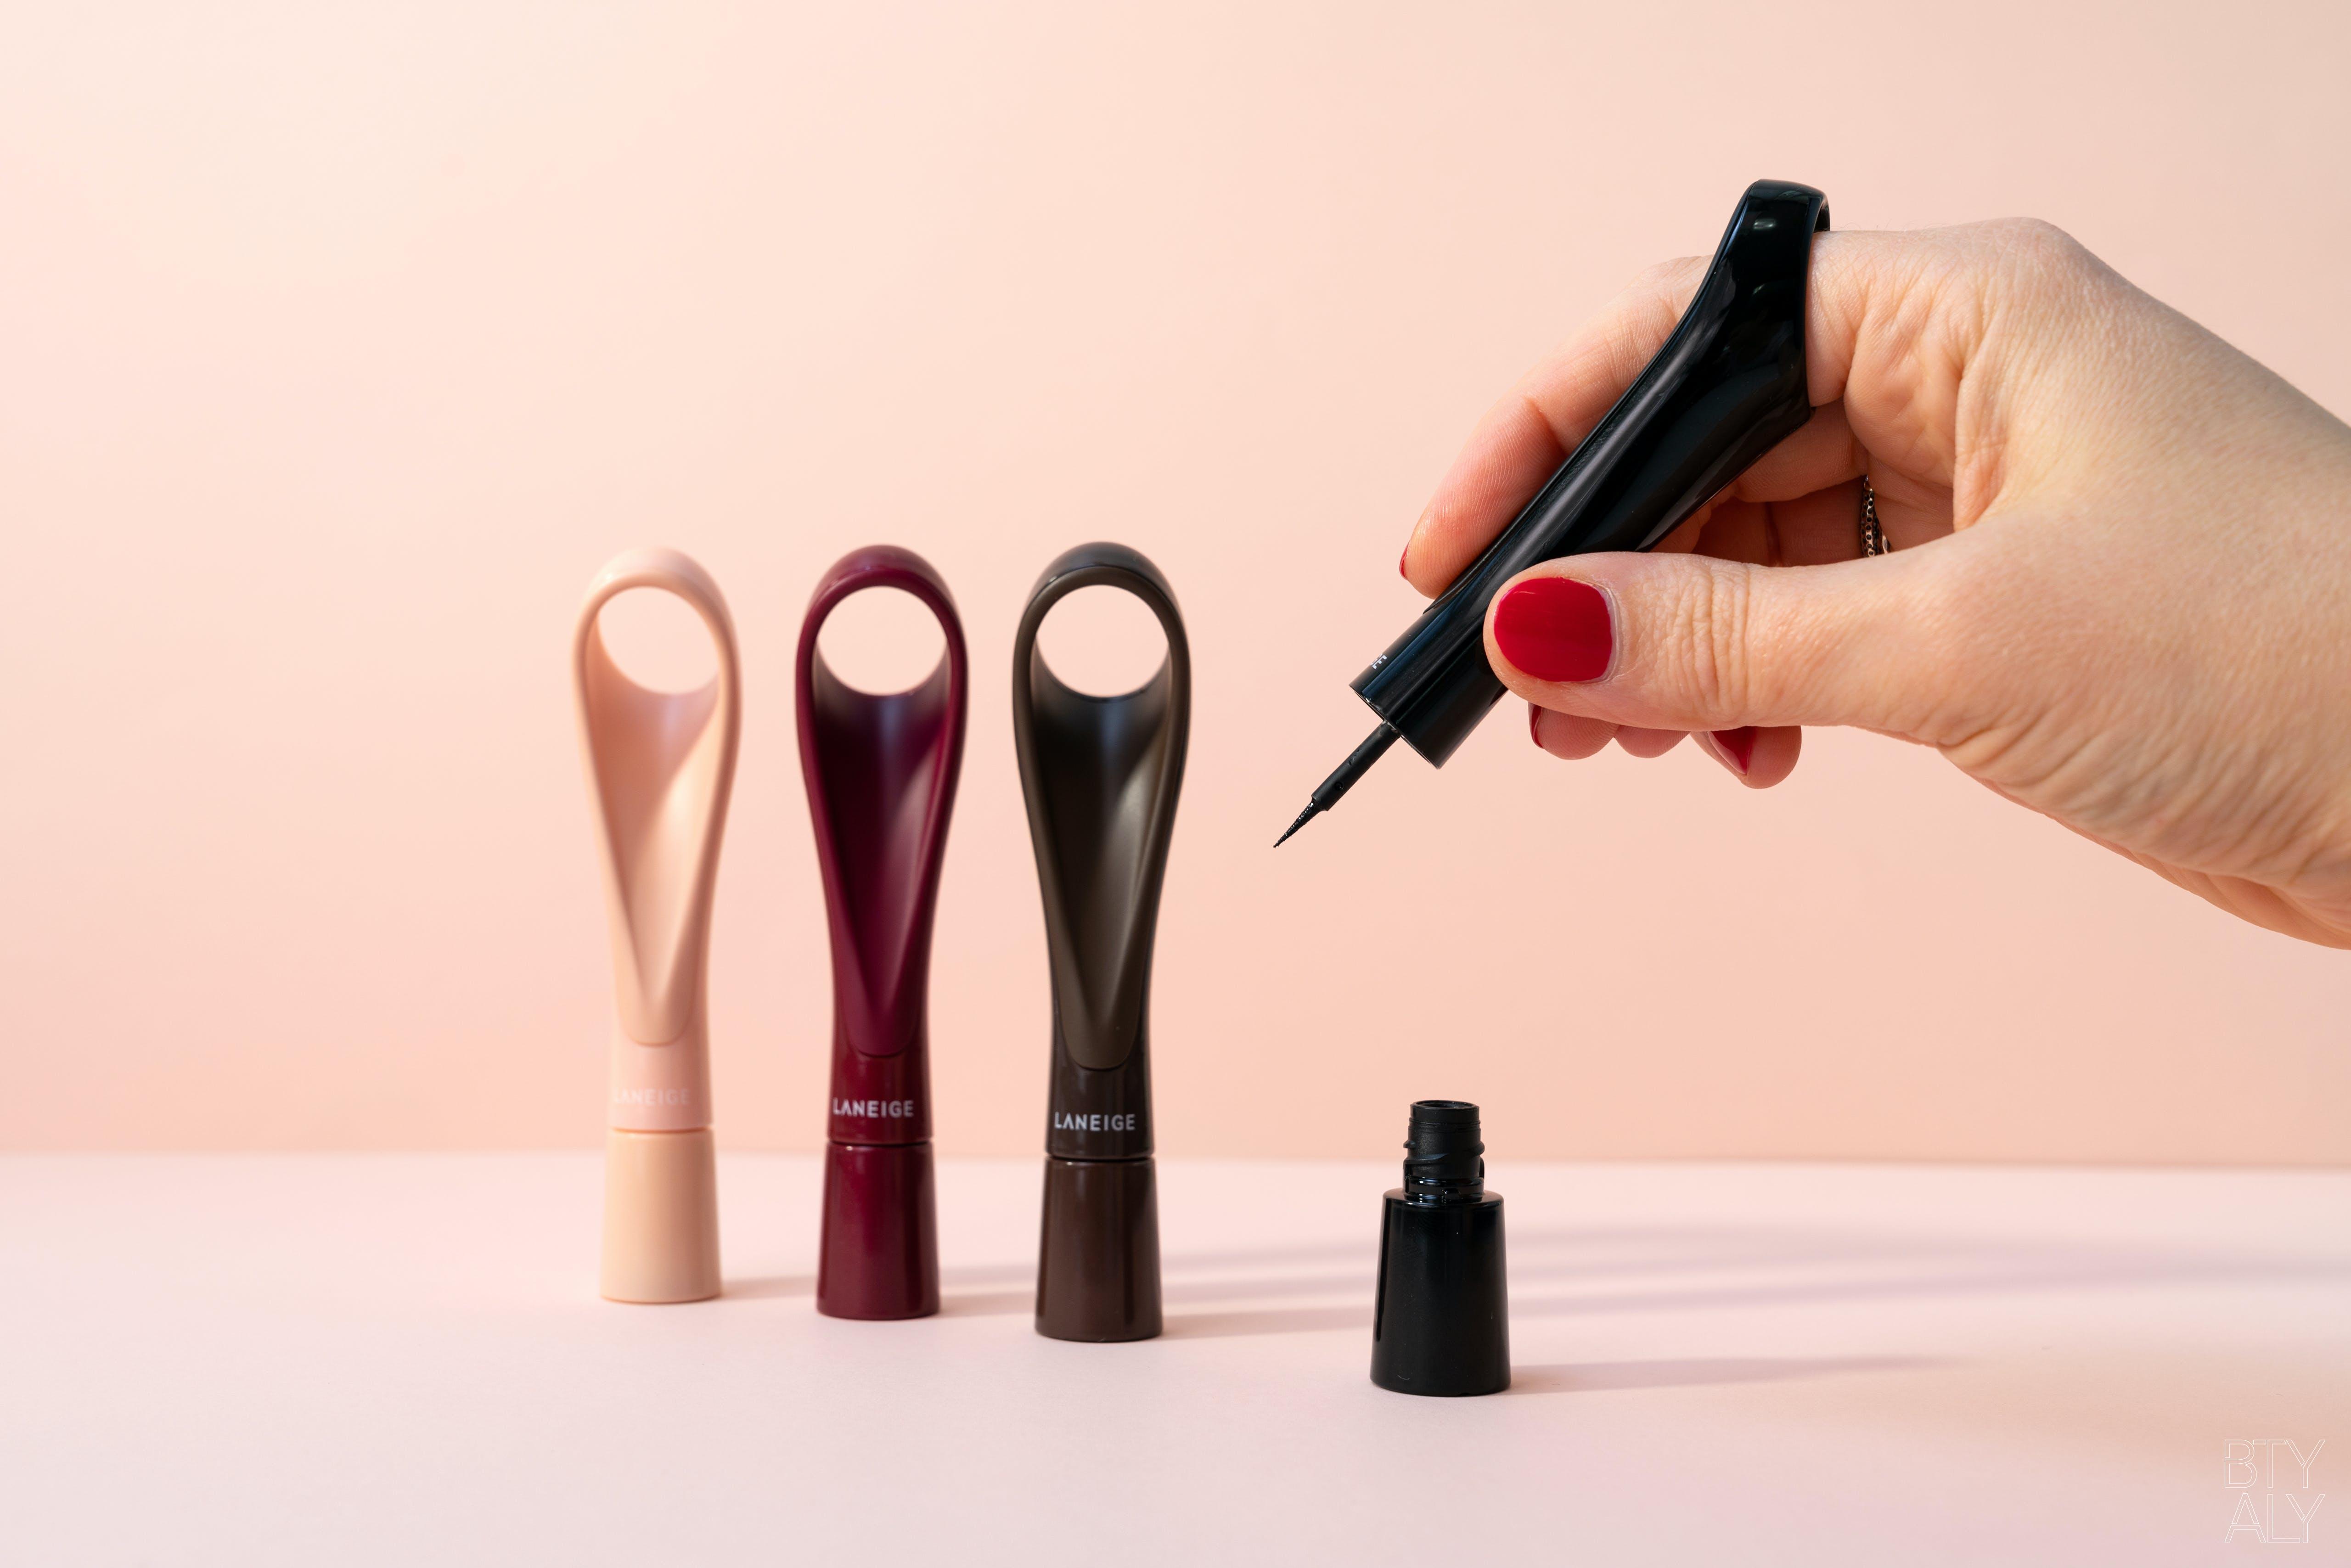 LANEIGE Finger Graphic Liner Black, Brown, Burgundy, Sequin Beige